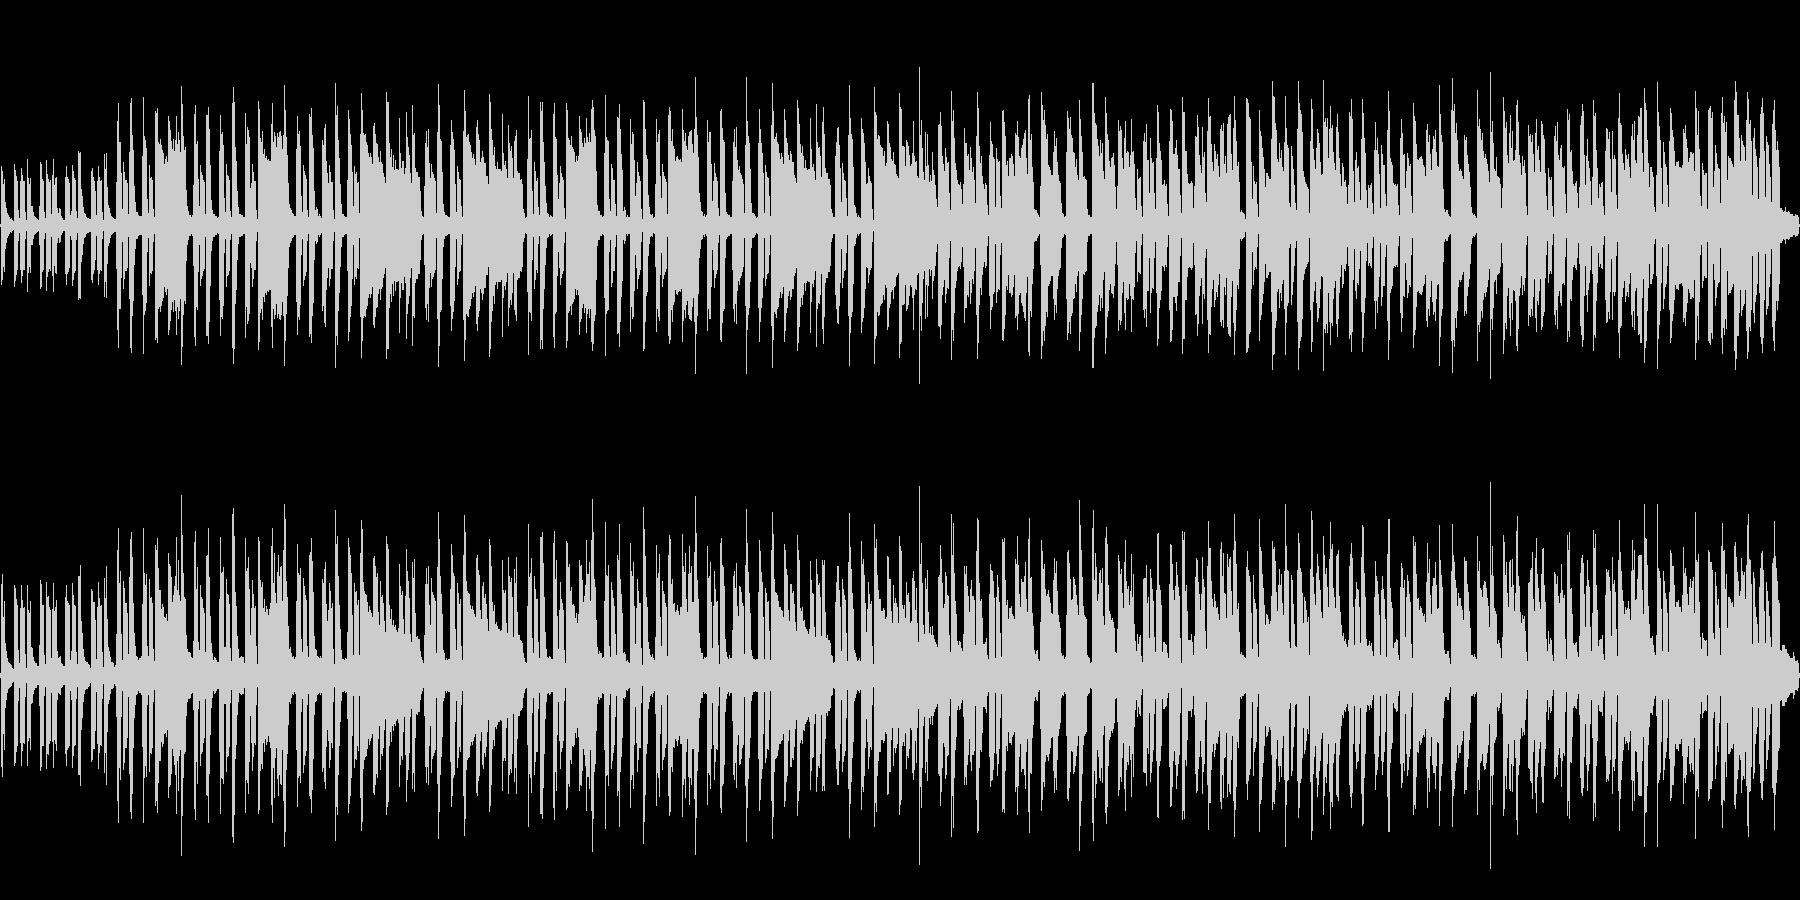 8bit 小さな白鳥たちの踊り(ループ)の未再生の波形